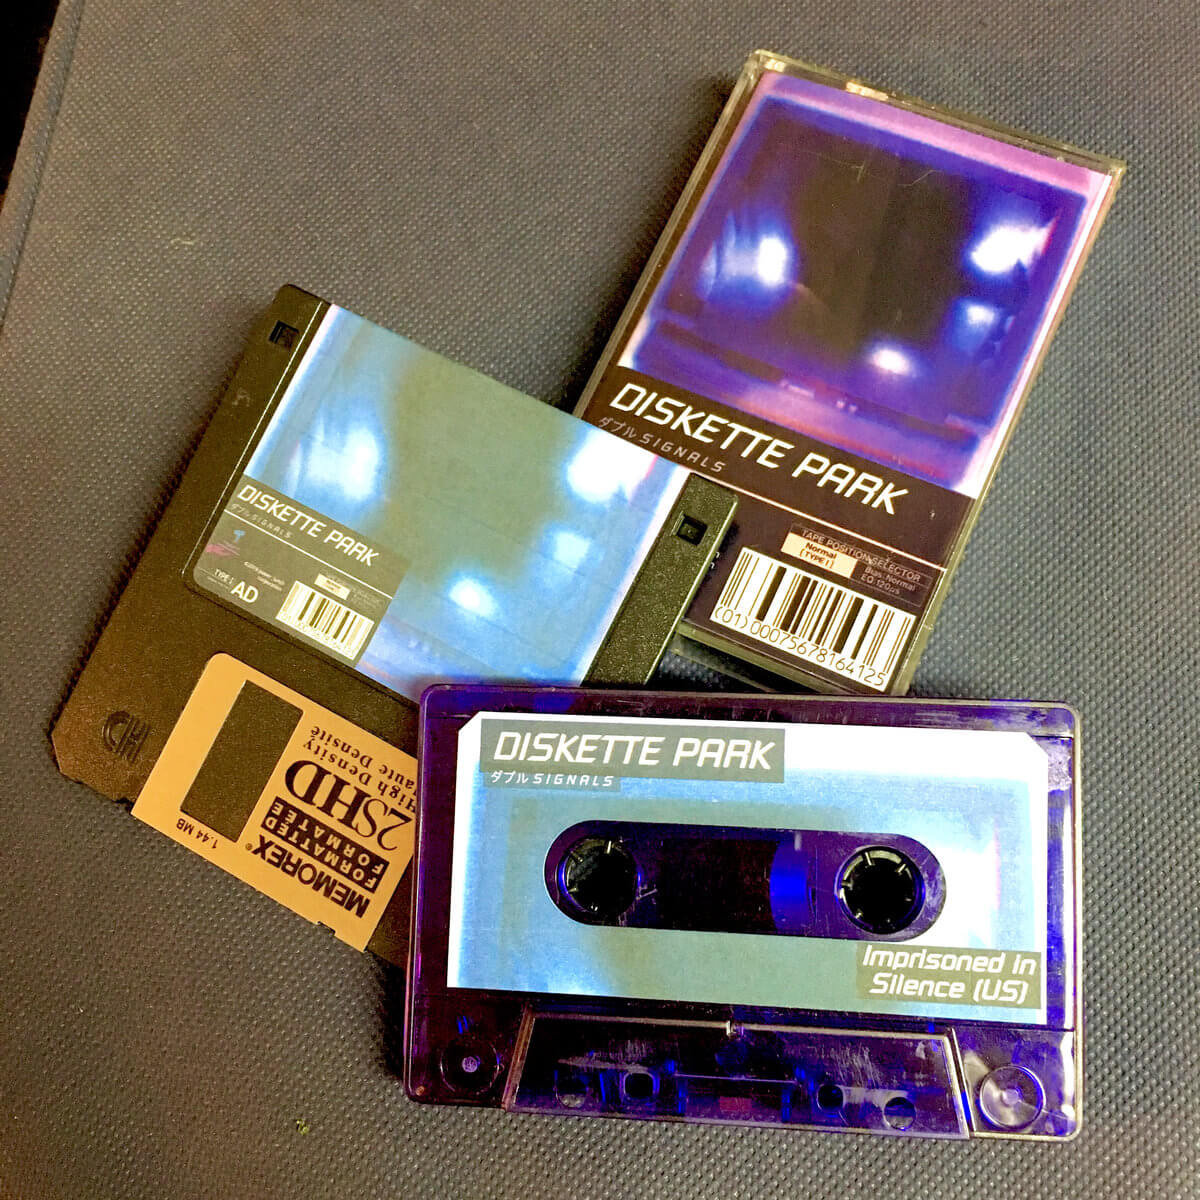 ダブル SIGNALS by Diskette Park (MONGO edition cassette/floppy bundle) 1